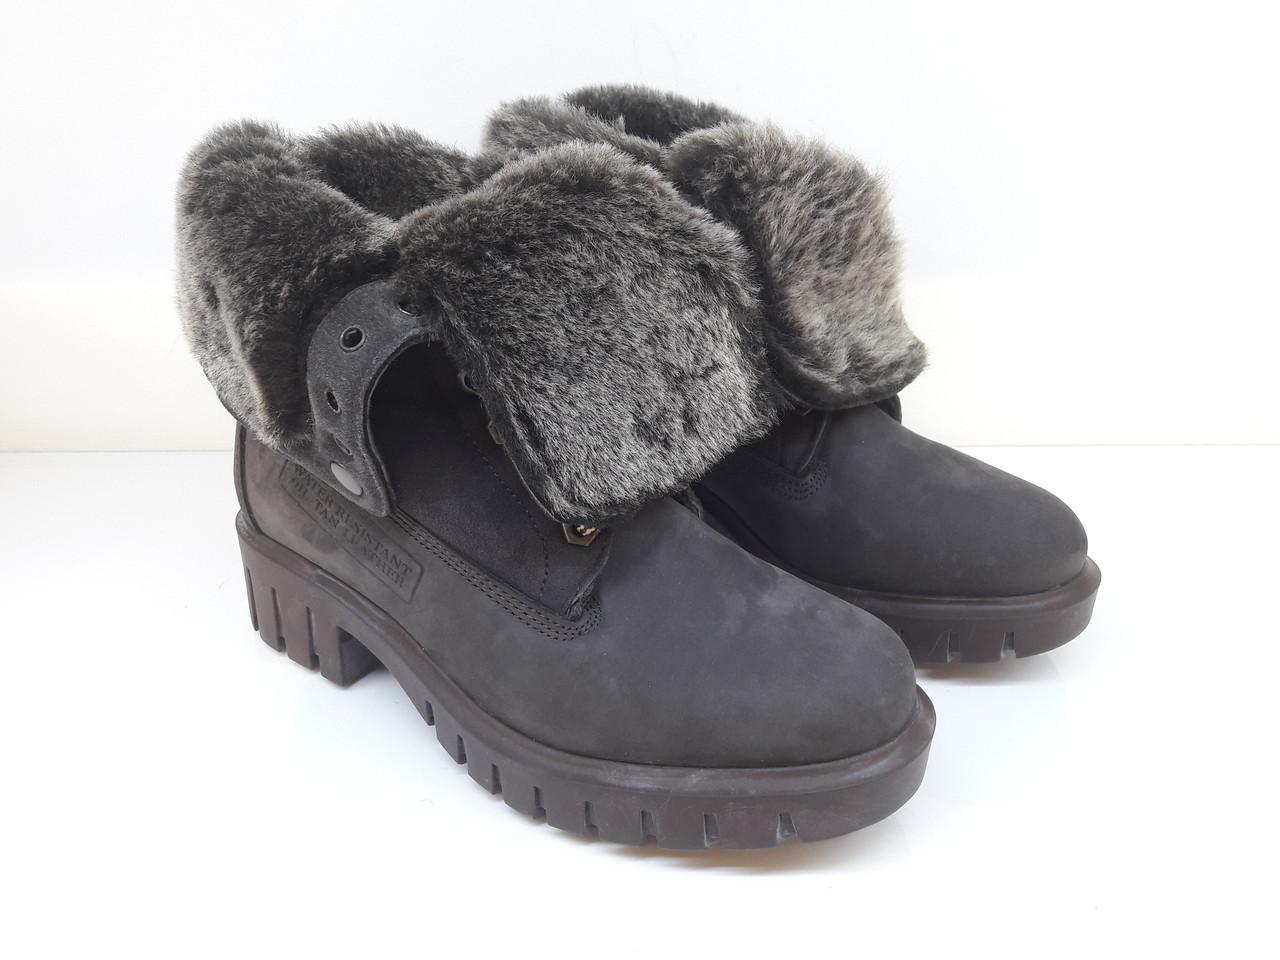 Ботинки Etor 10315-21554-1516 37 коричневые